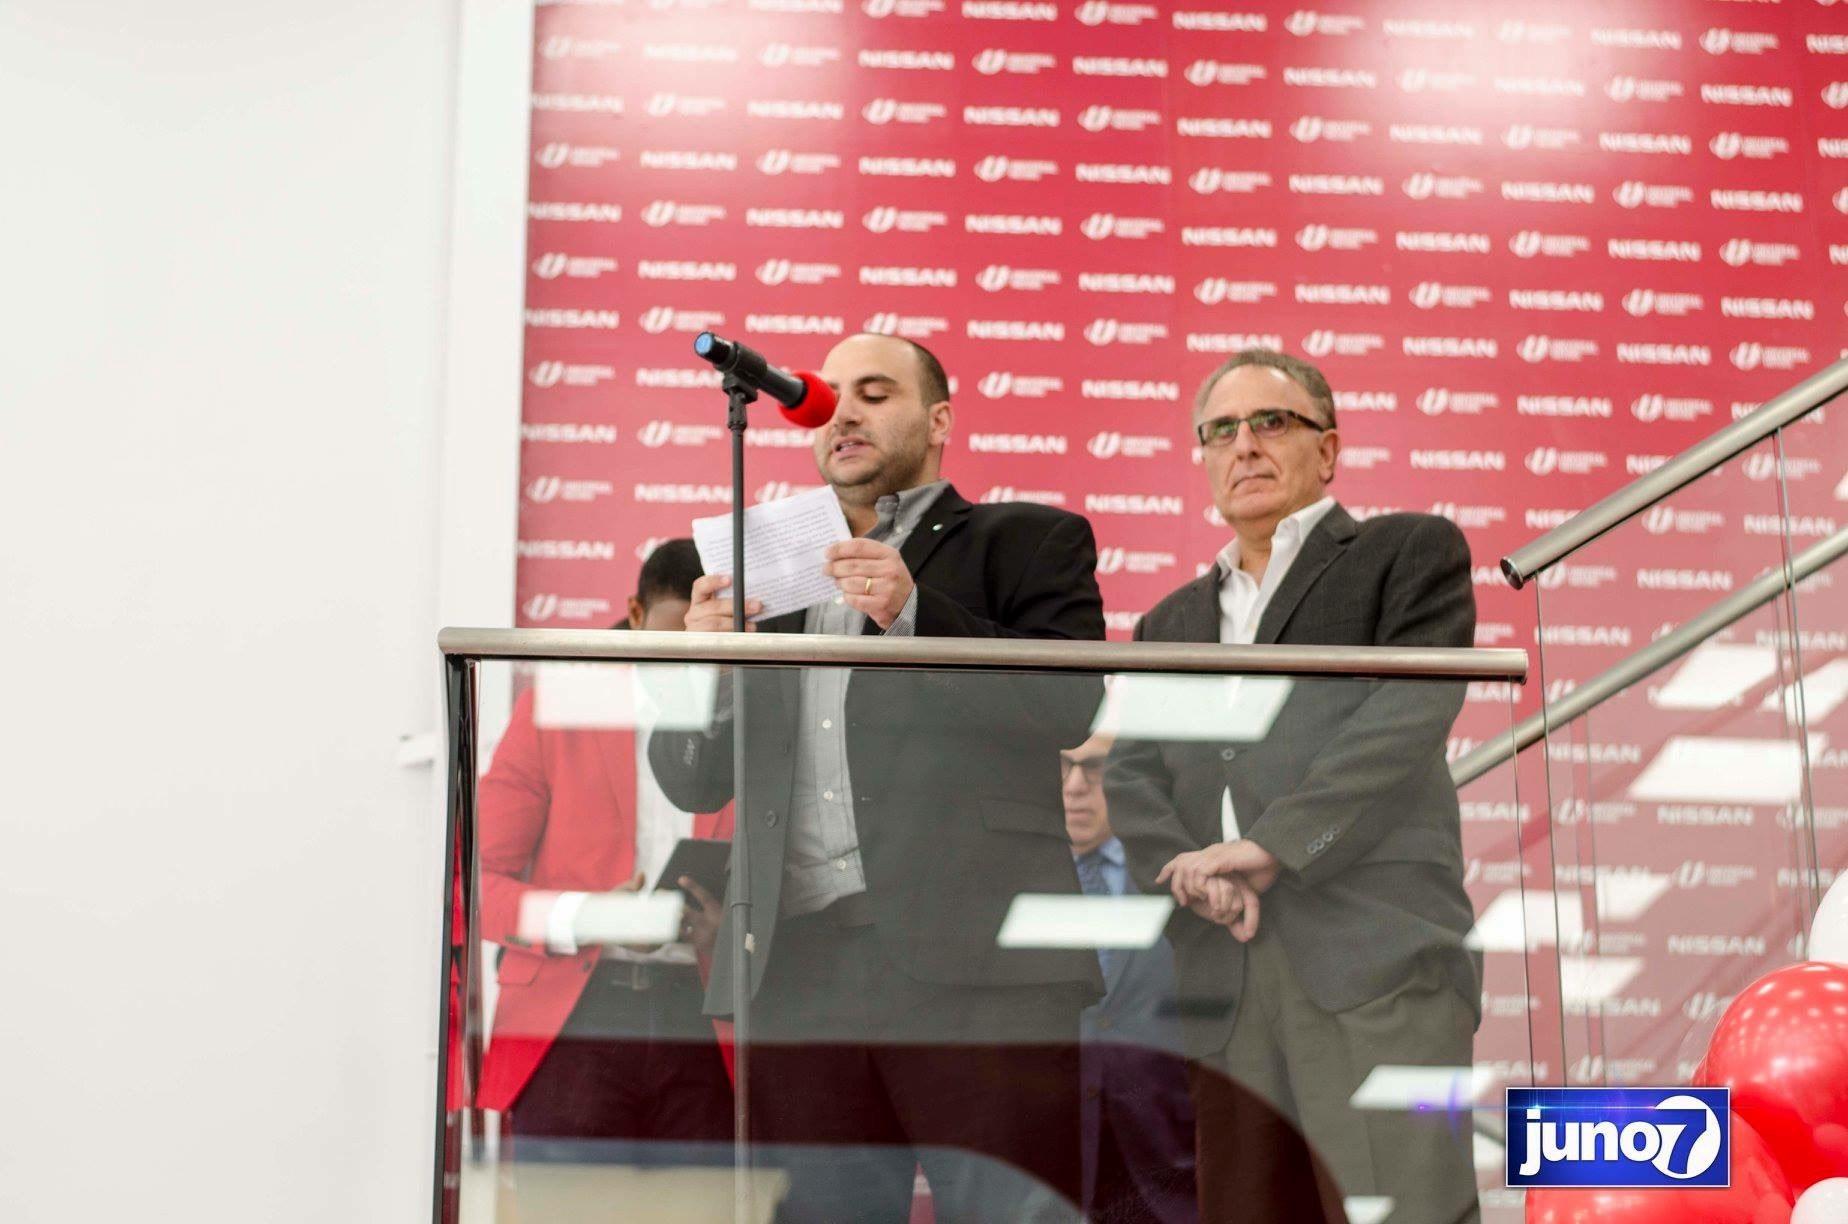 La Nissan Universal Motors inaugure le plus grand showroom de la caraïbe et de l'Amérique latine 30